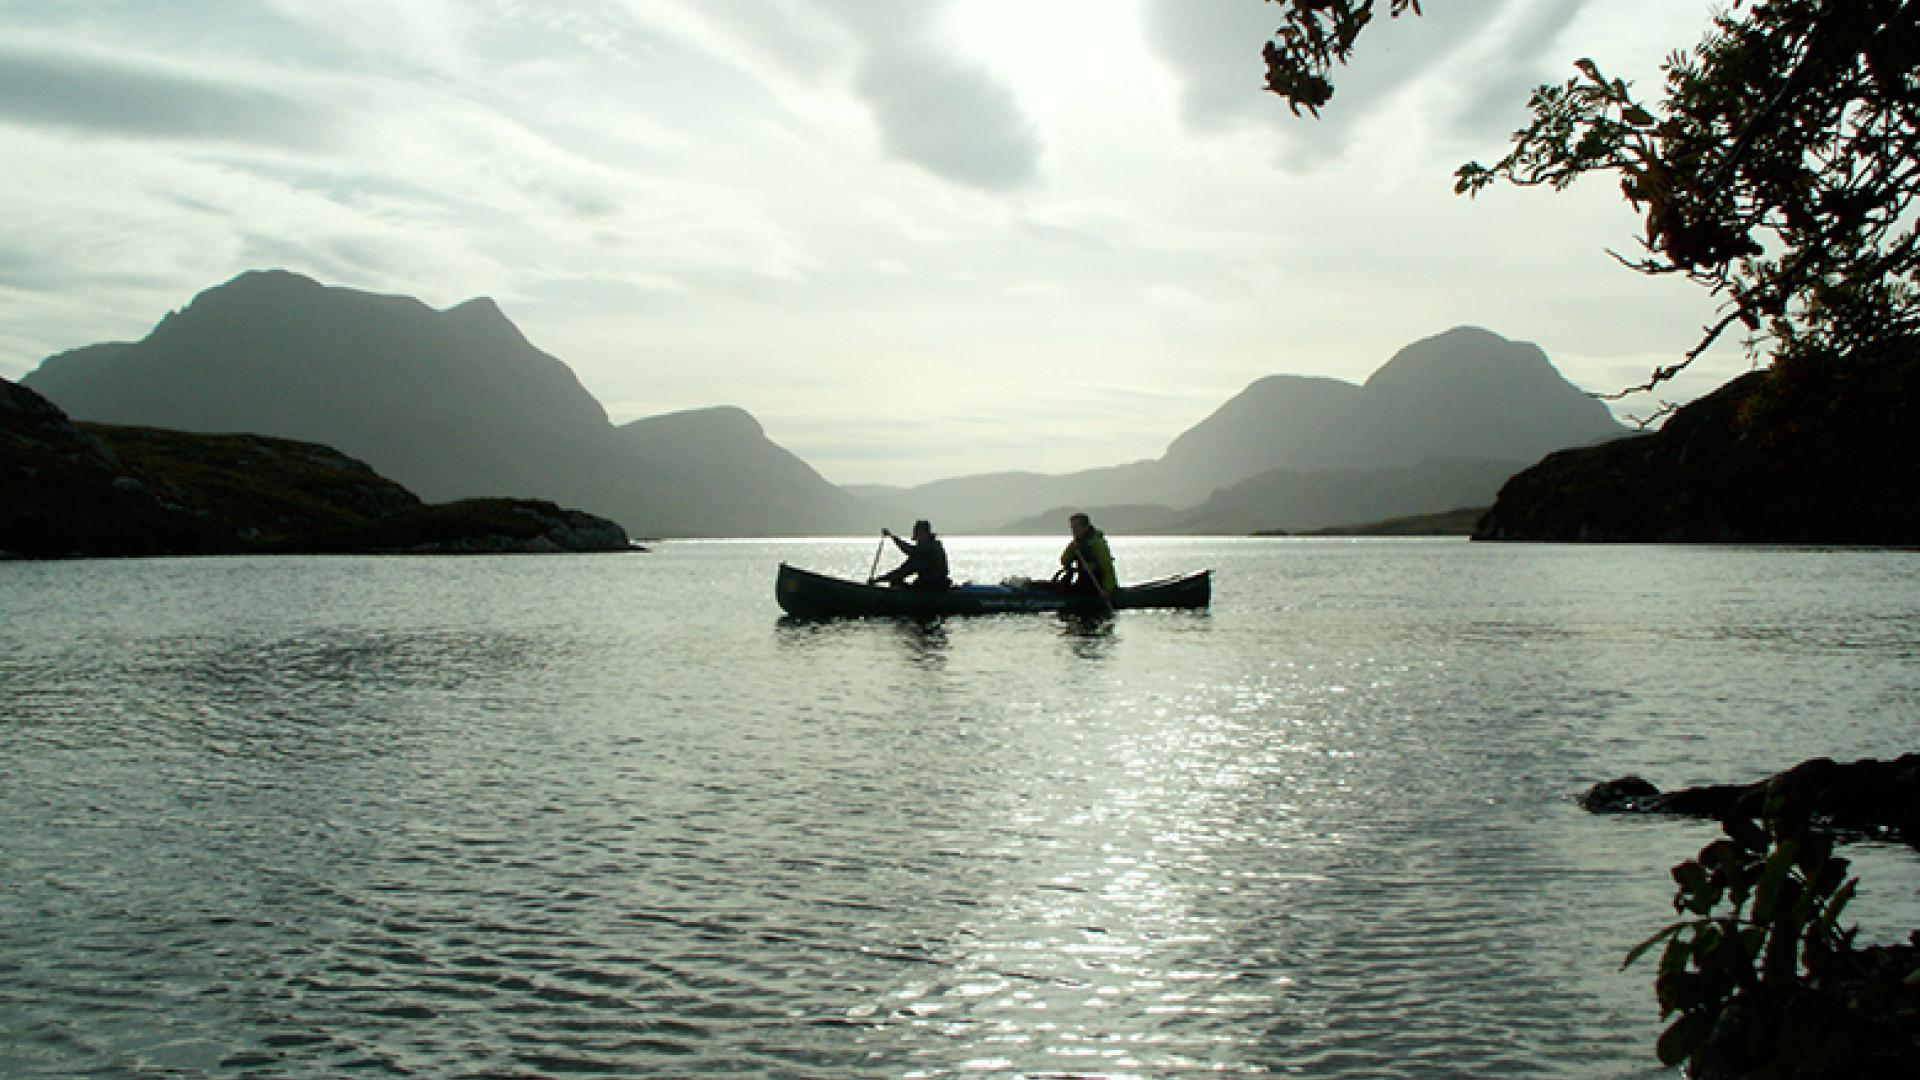 Canoeing-Scotland